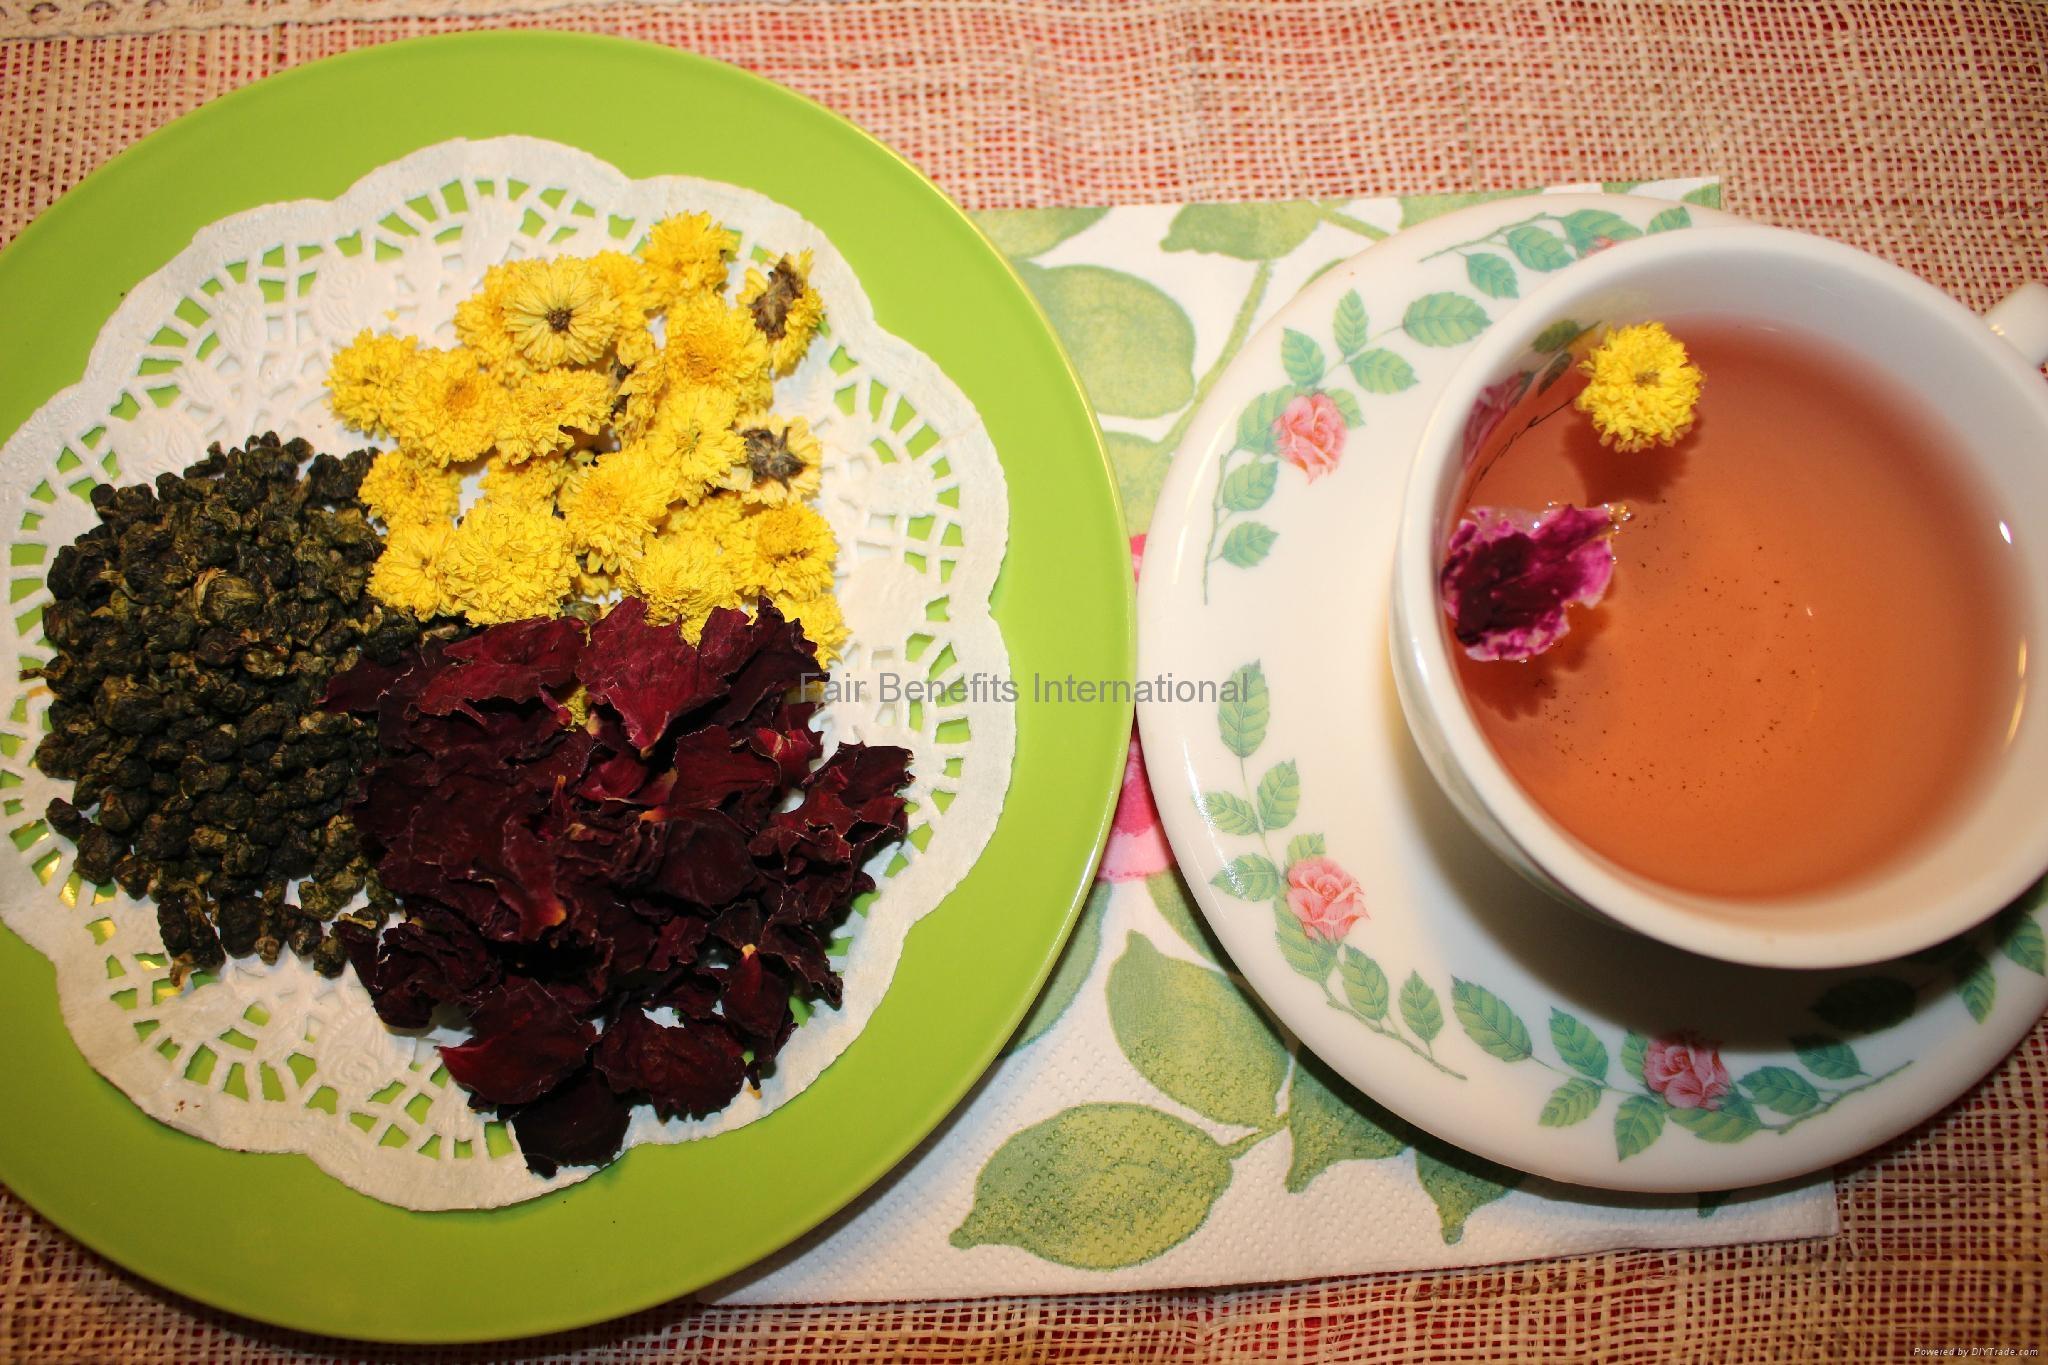 East Garden Herbal Slimming Tea 1